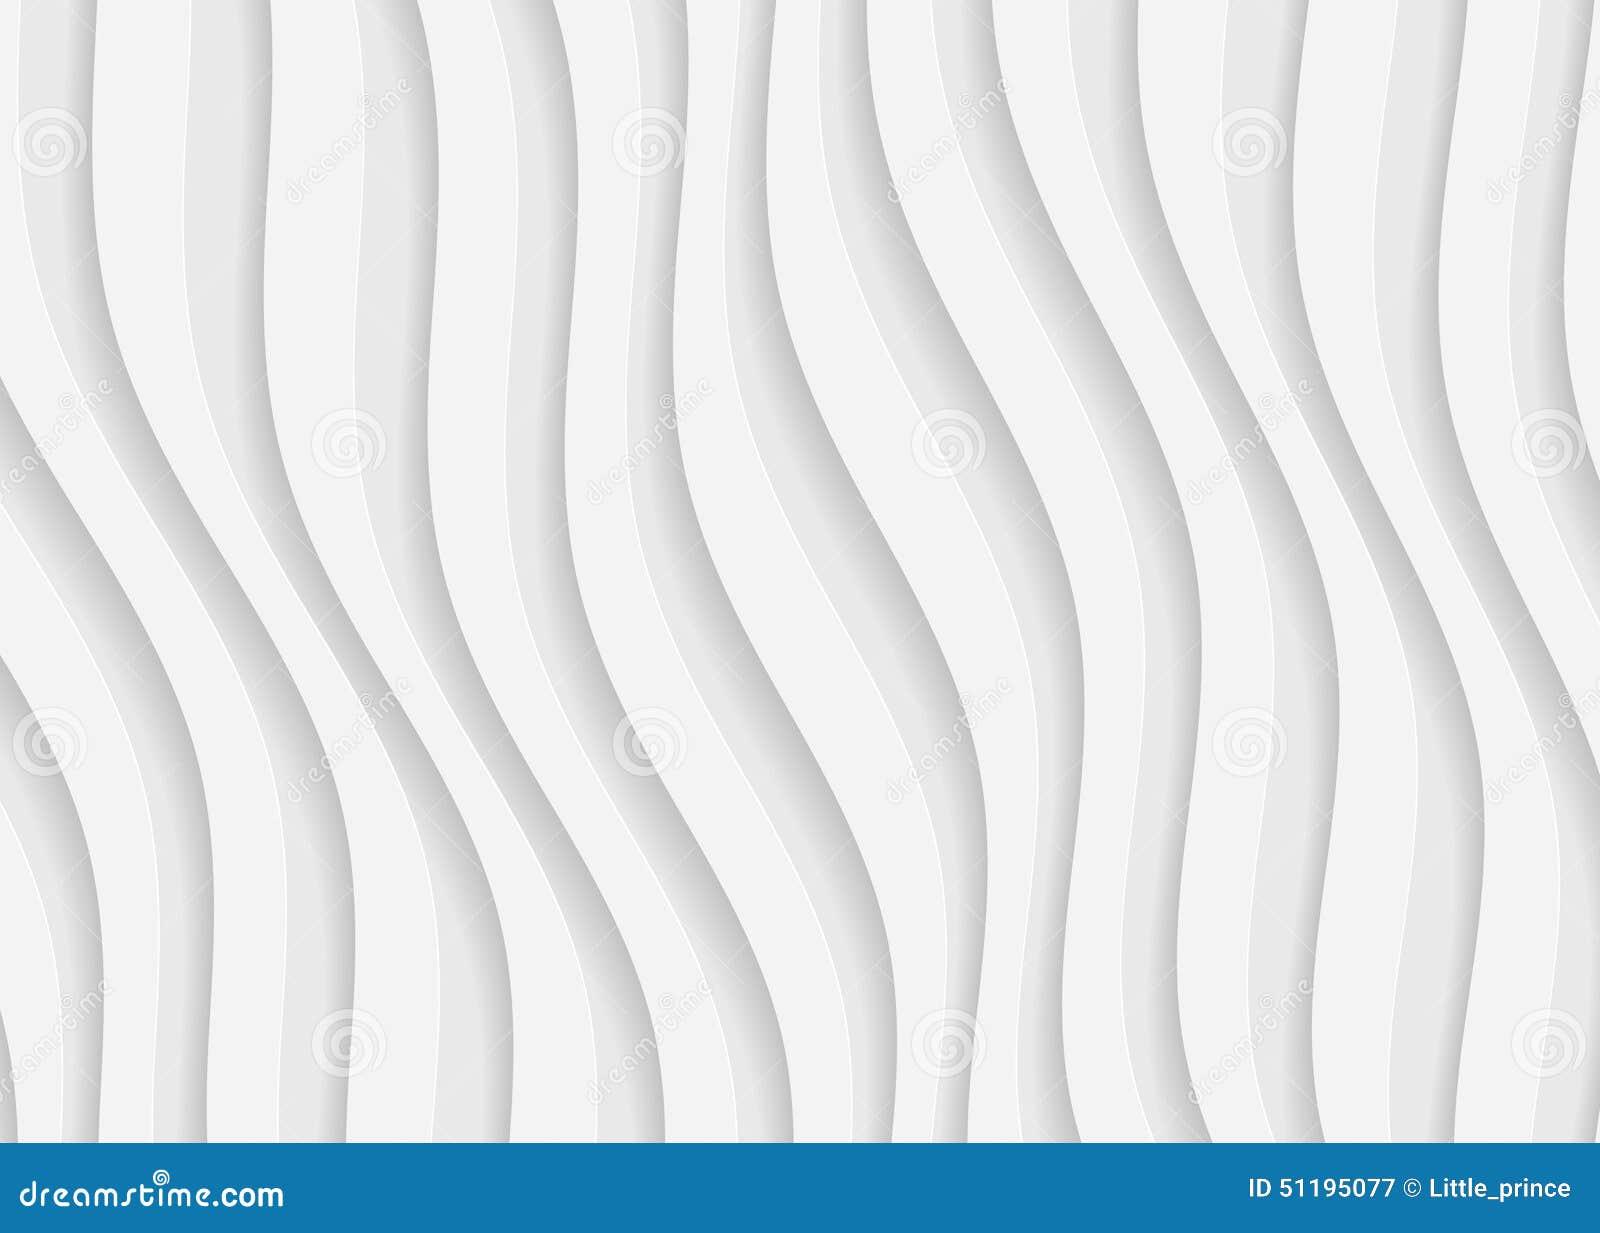 Γεωμετρικό σχέδιο της Λευκής Βίβλου, αφηρημένο πρότυπο υποβάθρου για τον ιστοχώρο, έμβλημα, επαγγελματική κάρτα, πρόσκληση